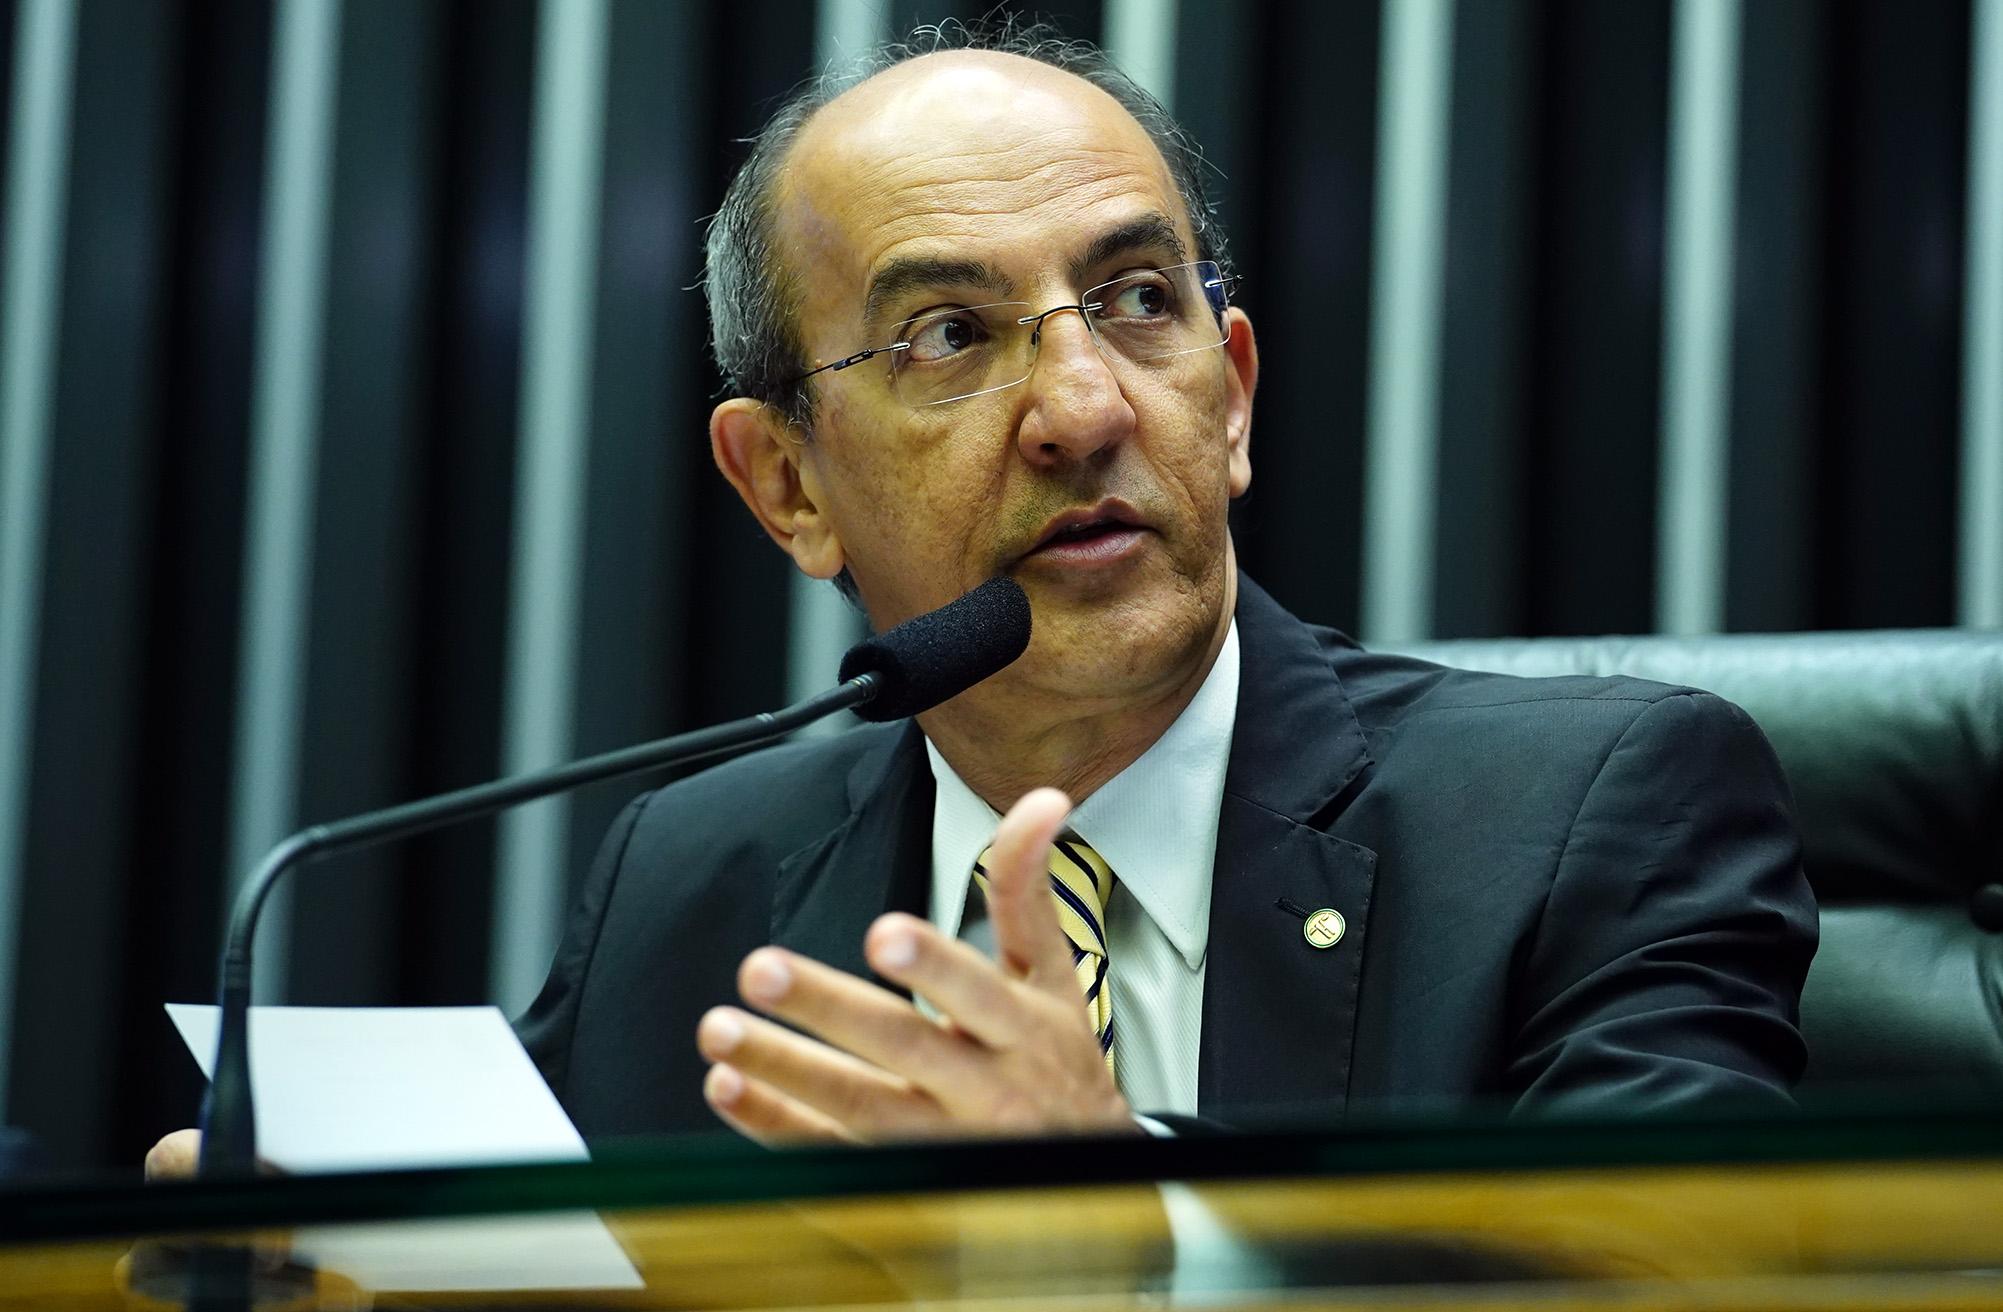 Homenagem ao Círio de Nazaré. Dep. Arnaldo Jordy (PPS - PA)